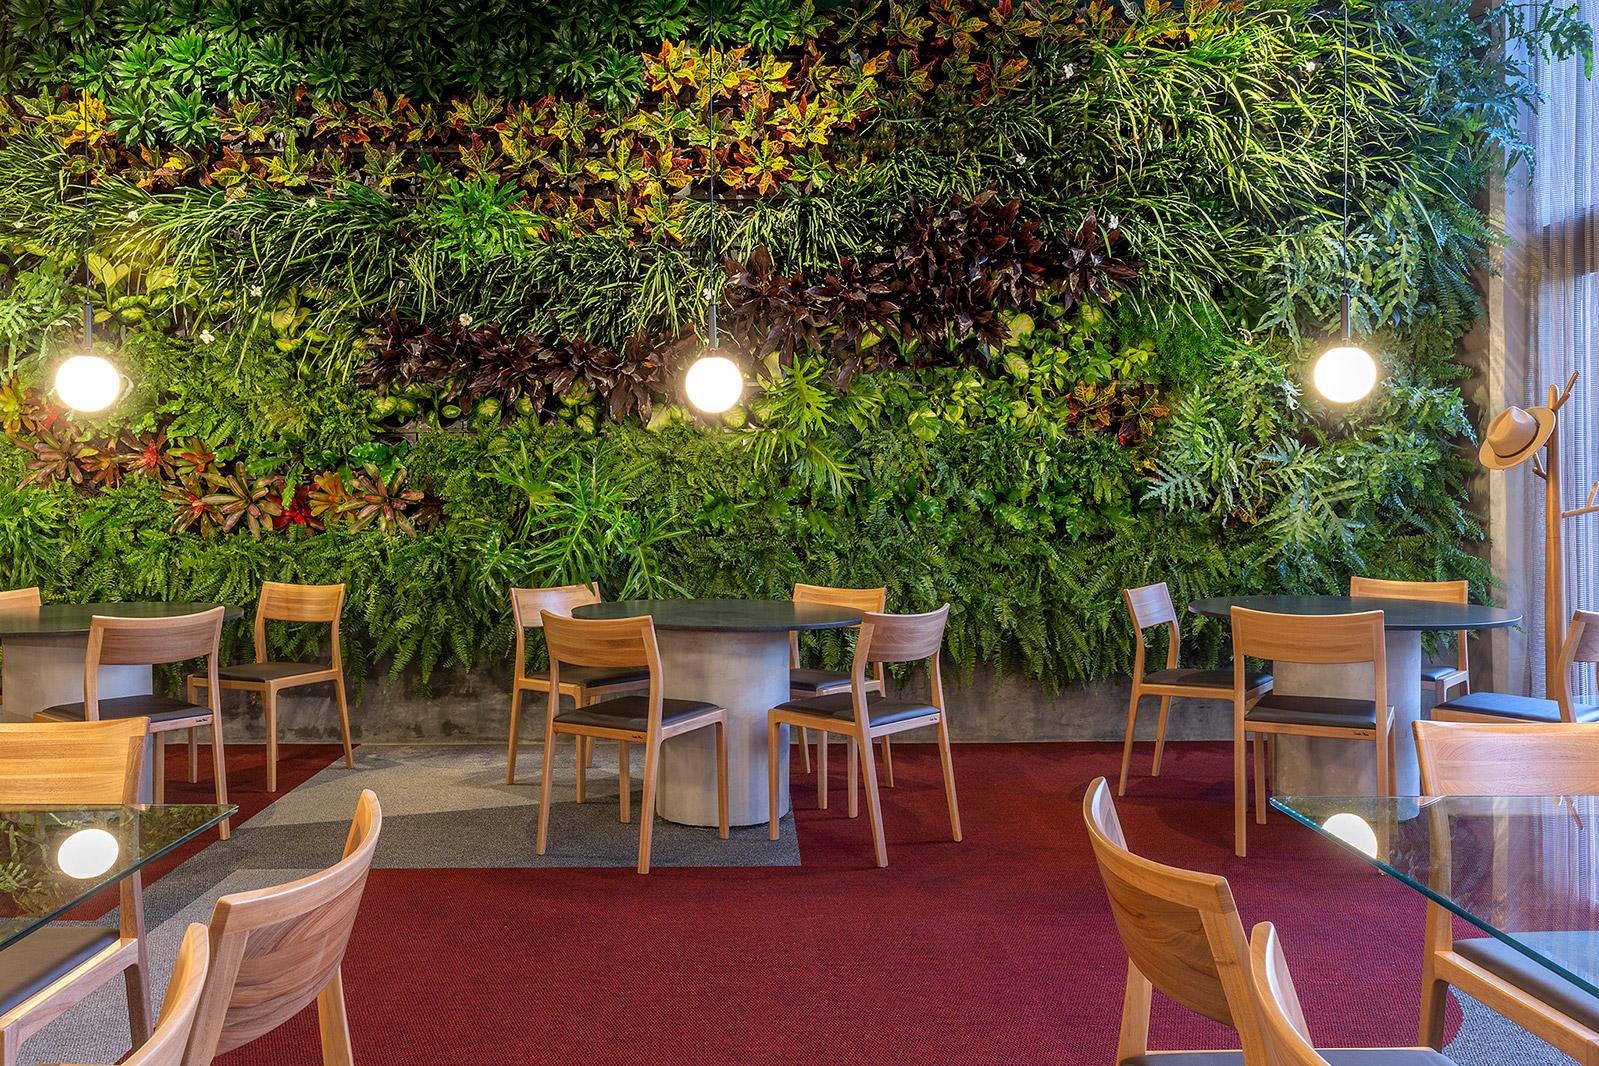 Marco Leal Sushi Bar Jun Sakamoto casacor goias 2021 restaurante japonês decoração design